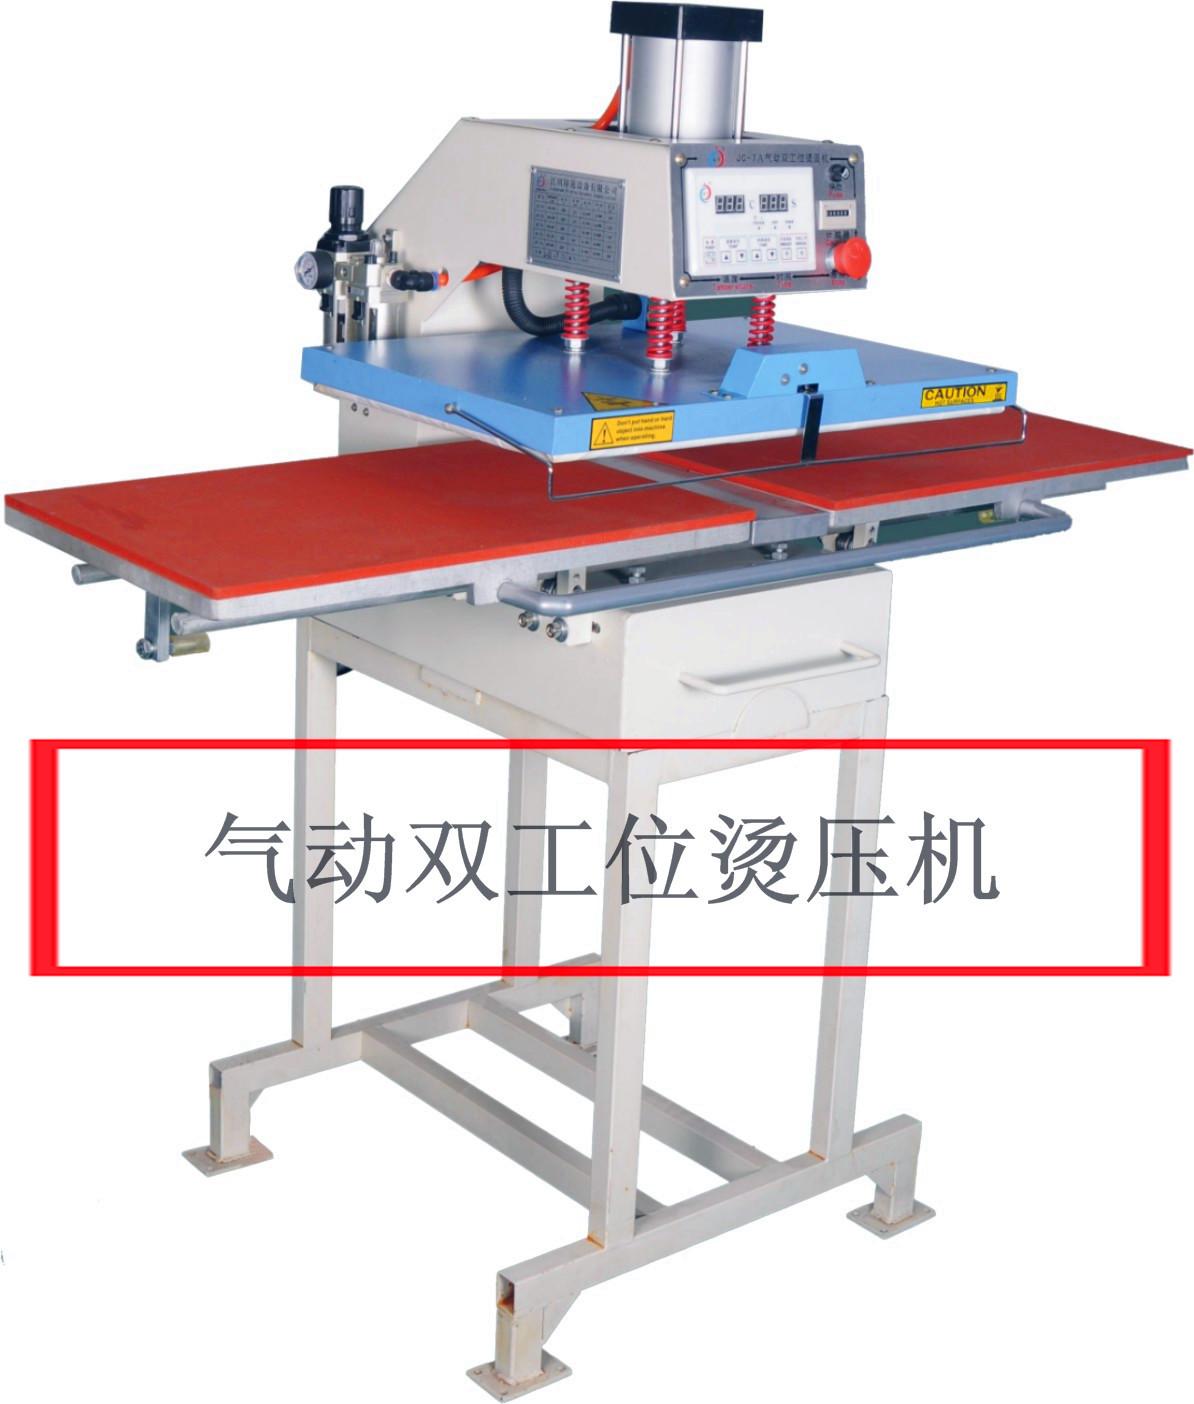 气动双工位烫画机60*80铝天花板热转印机 复合贴膜机烫唛机器批发